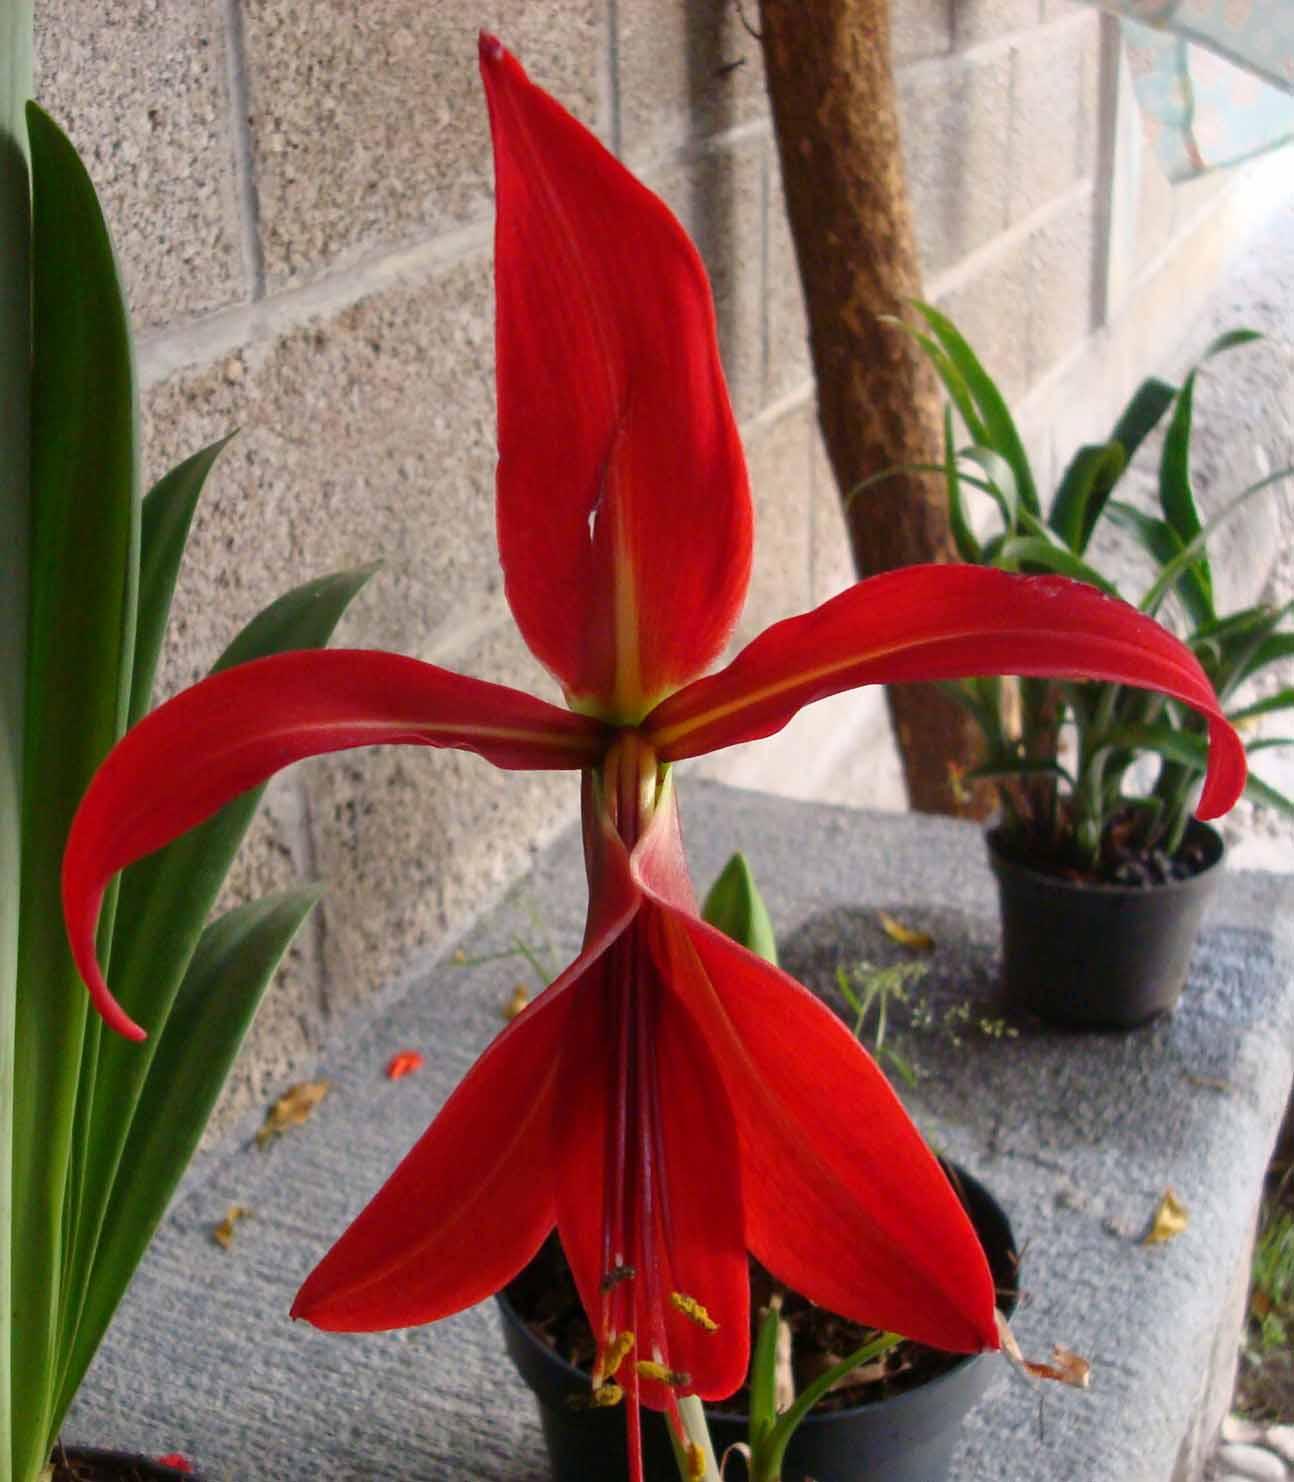 Venta de planta esquejes y semillas de diferentes especies - Planta cuna de moises ...